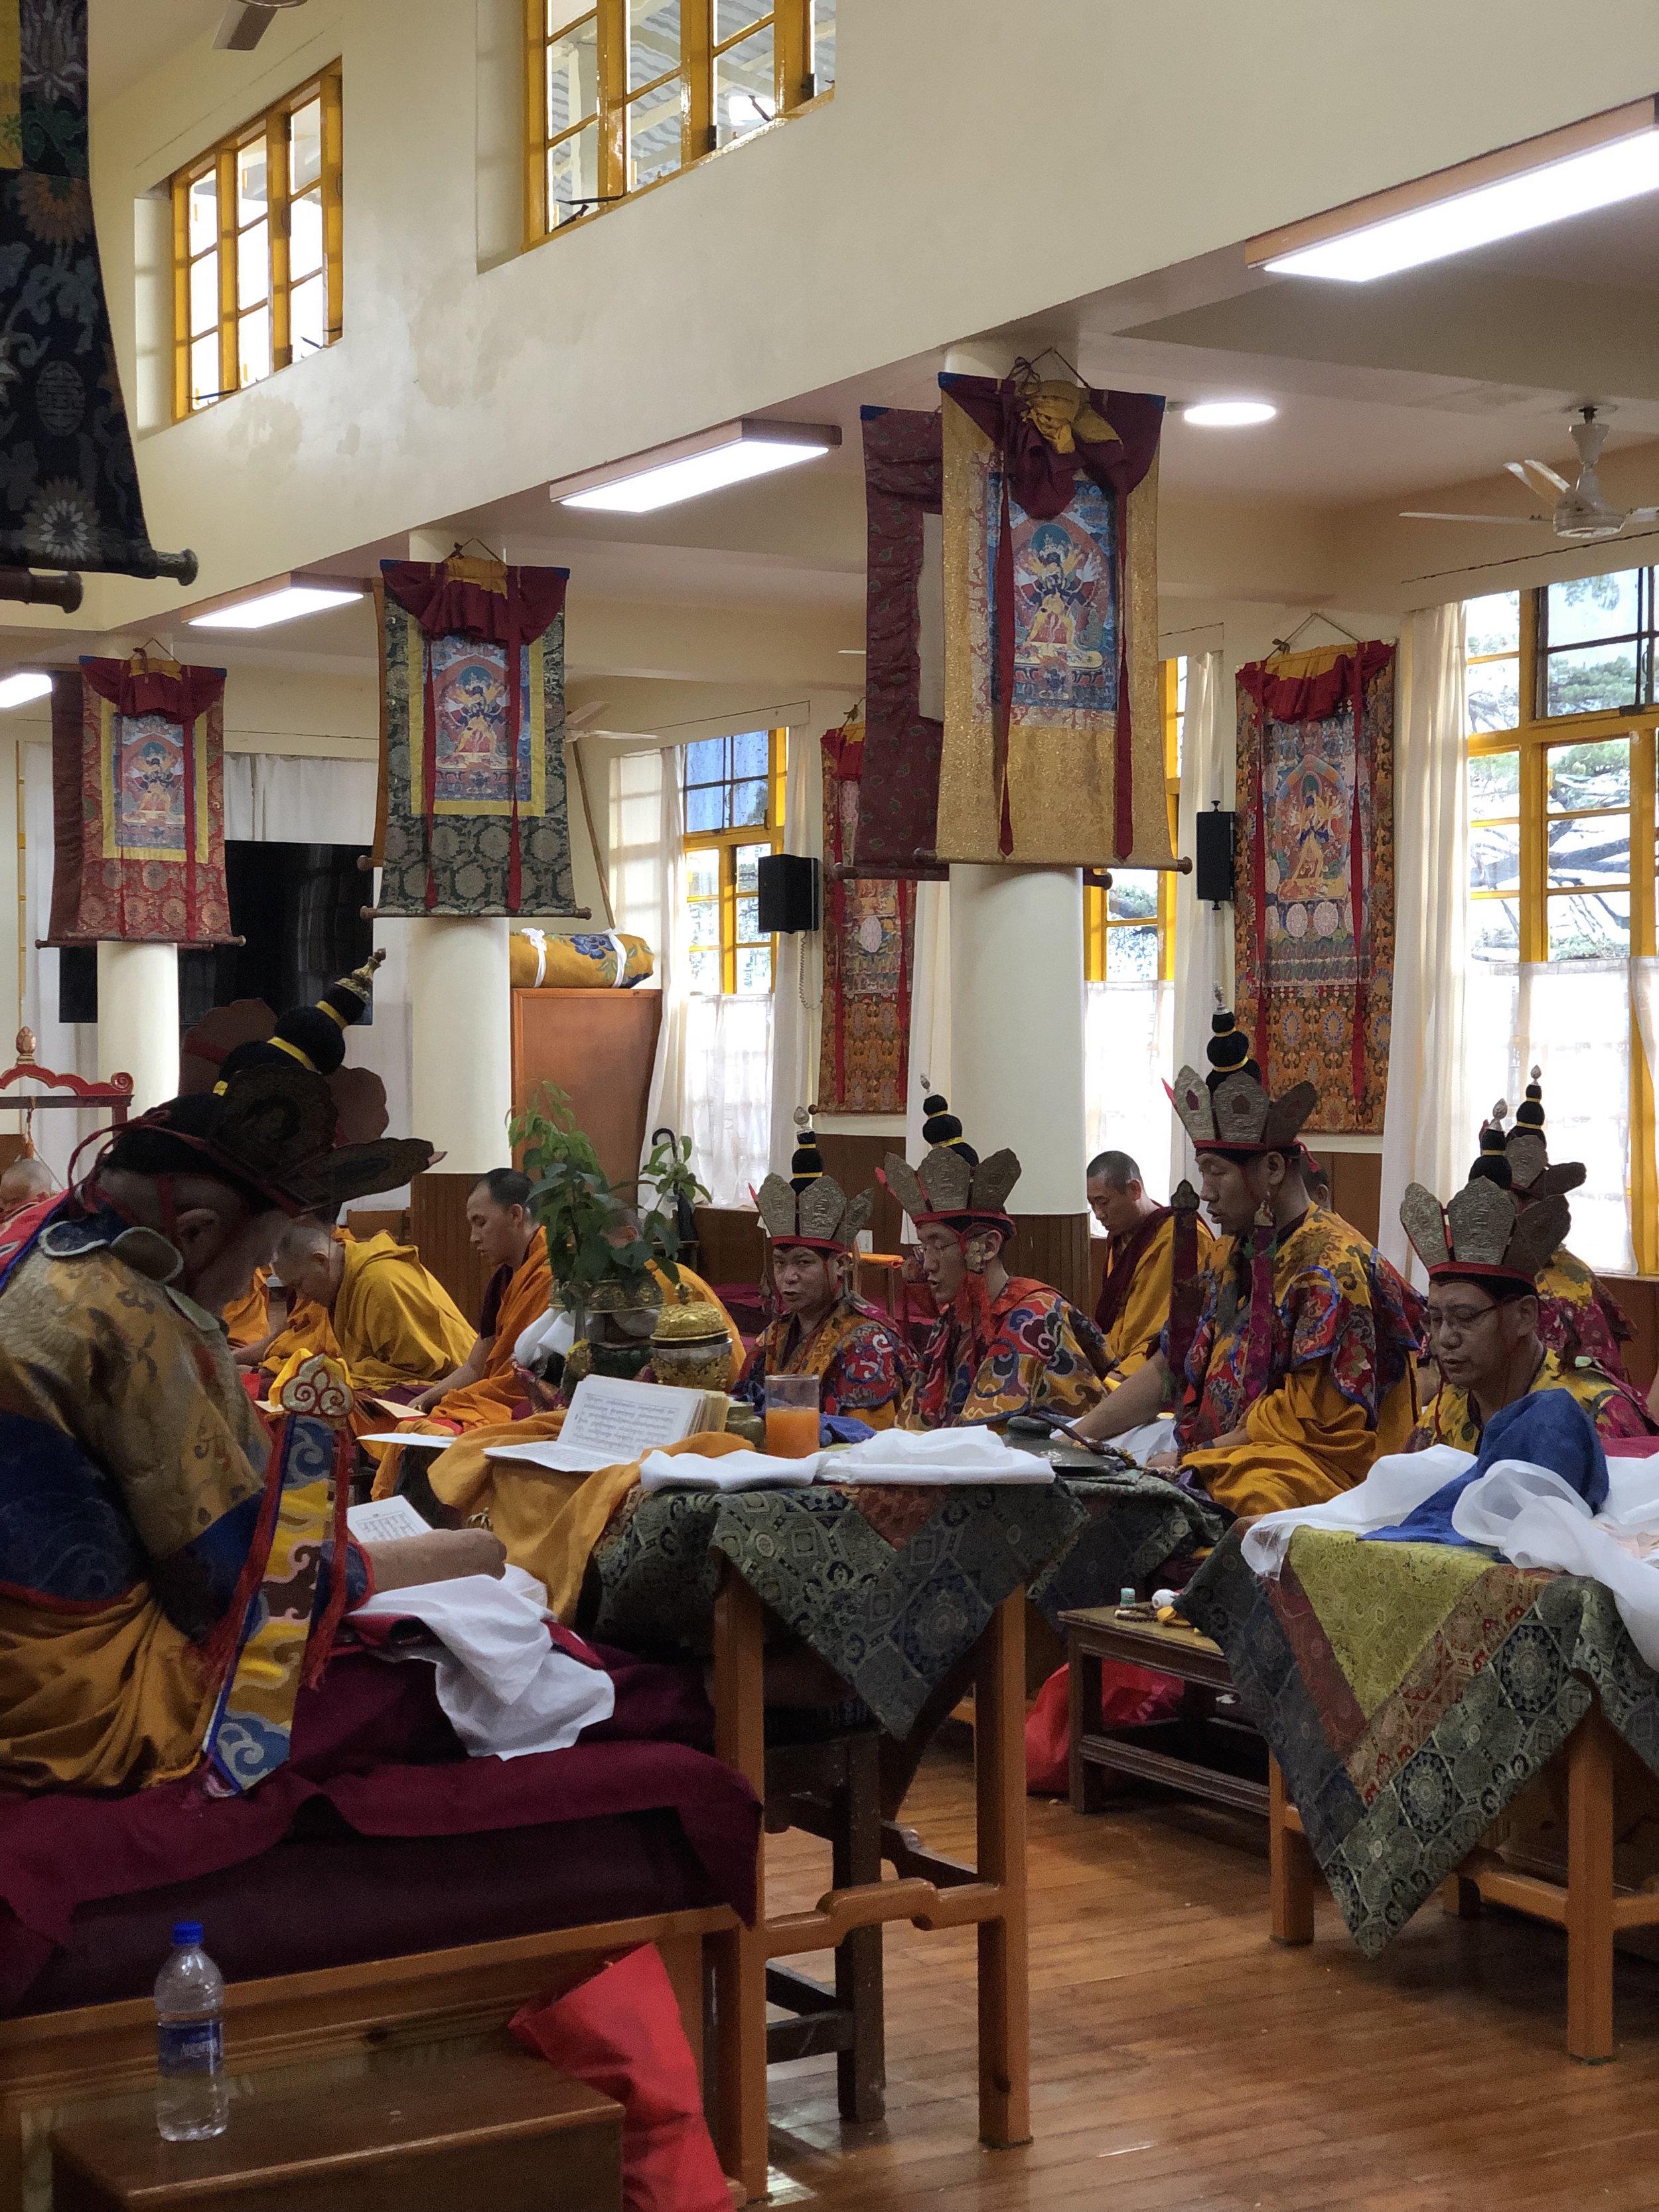 TIBETAN MONKS PRAYING